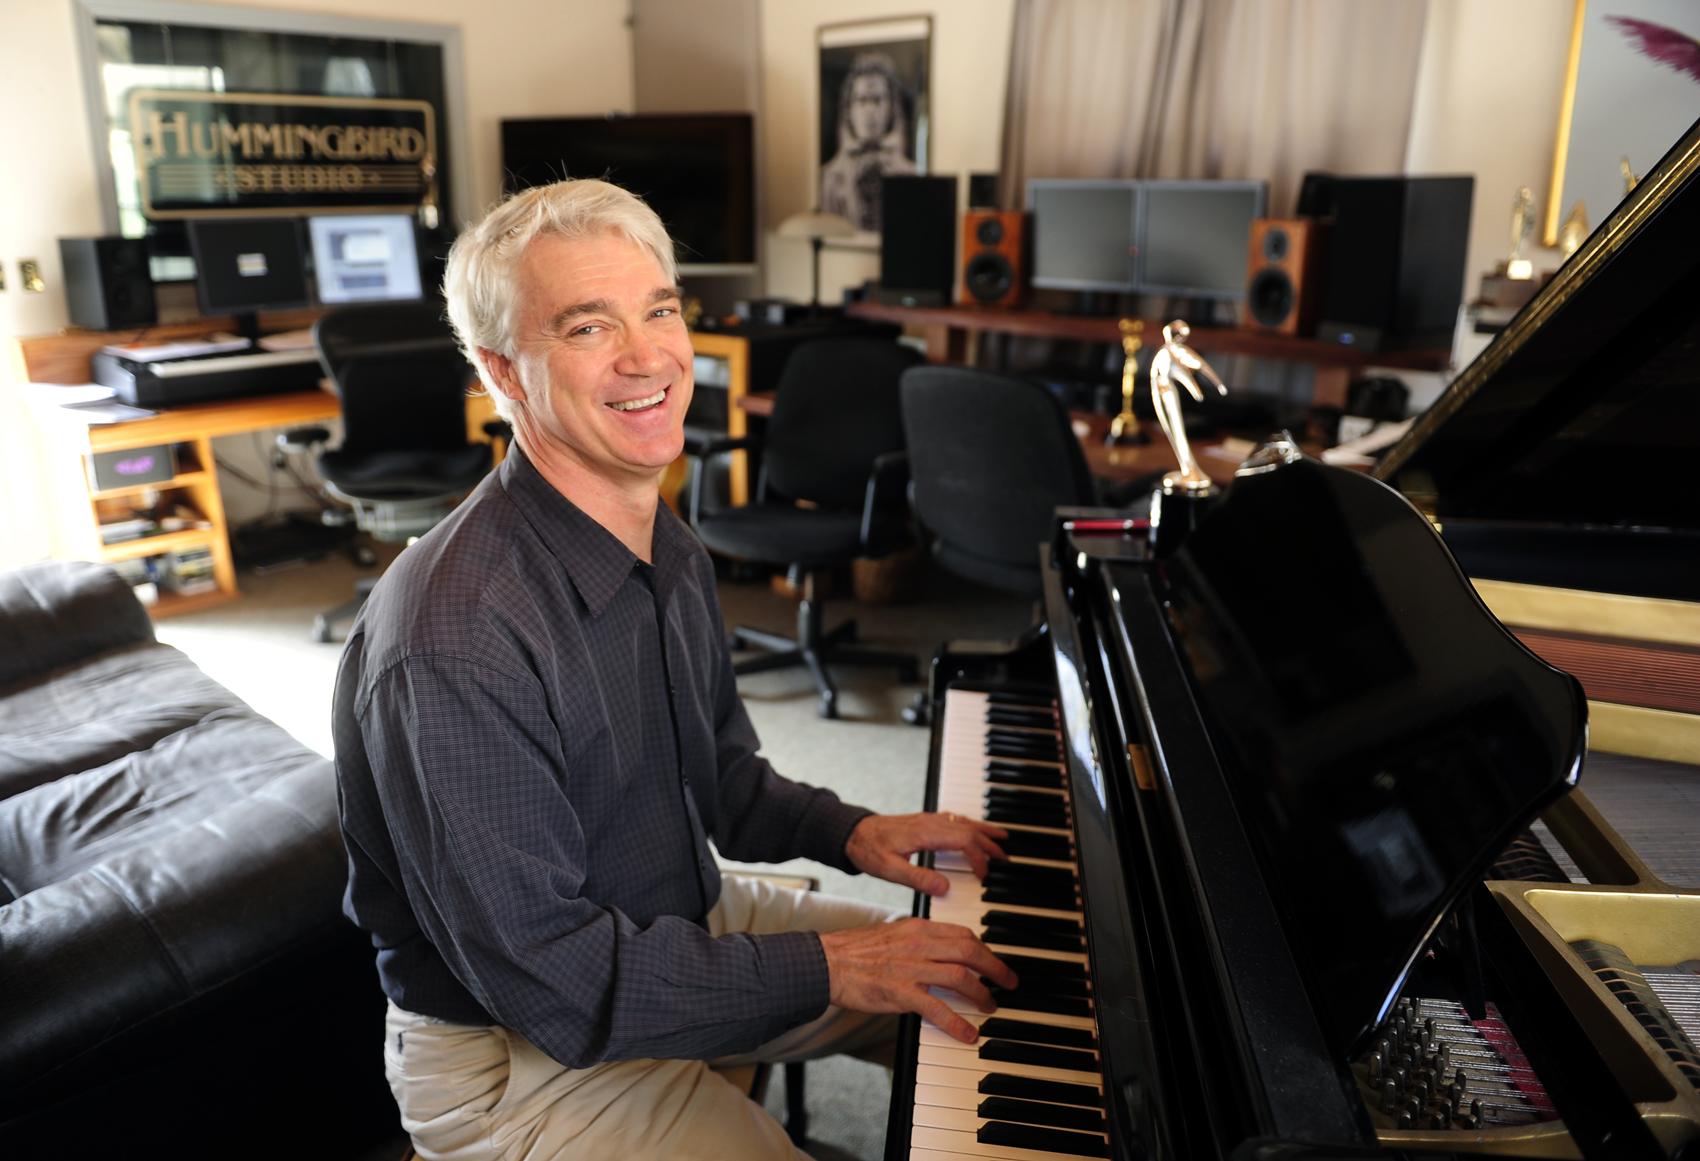 Bob-Farnsworth-PR-Headshot-at-Piano-2014.jpg